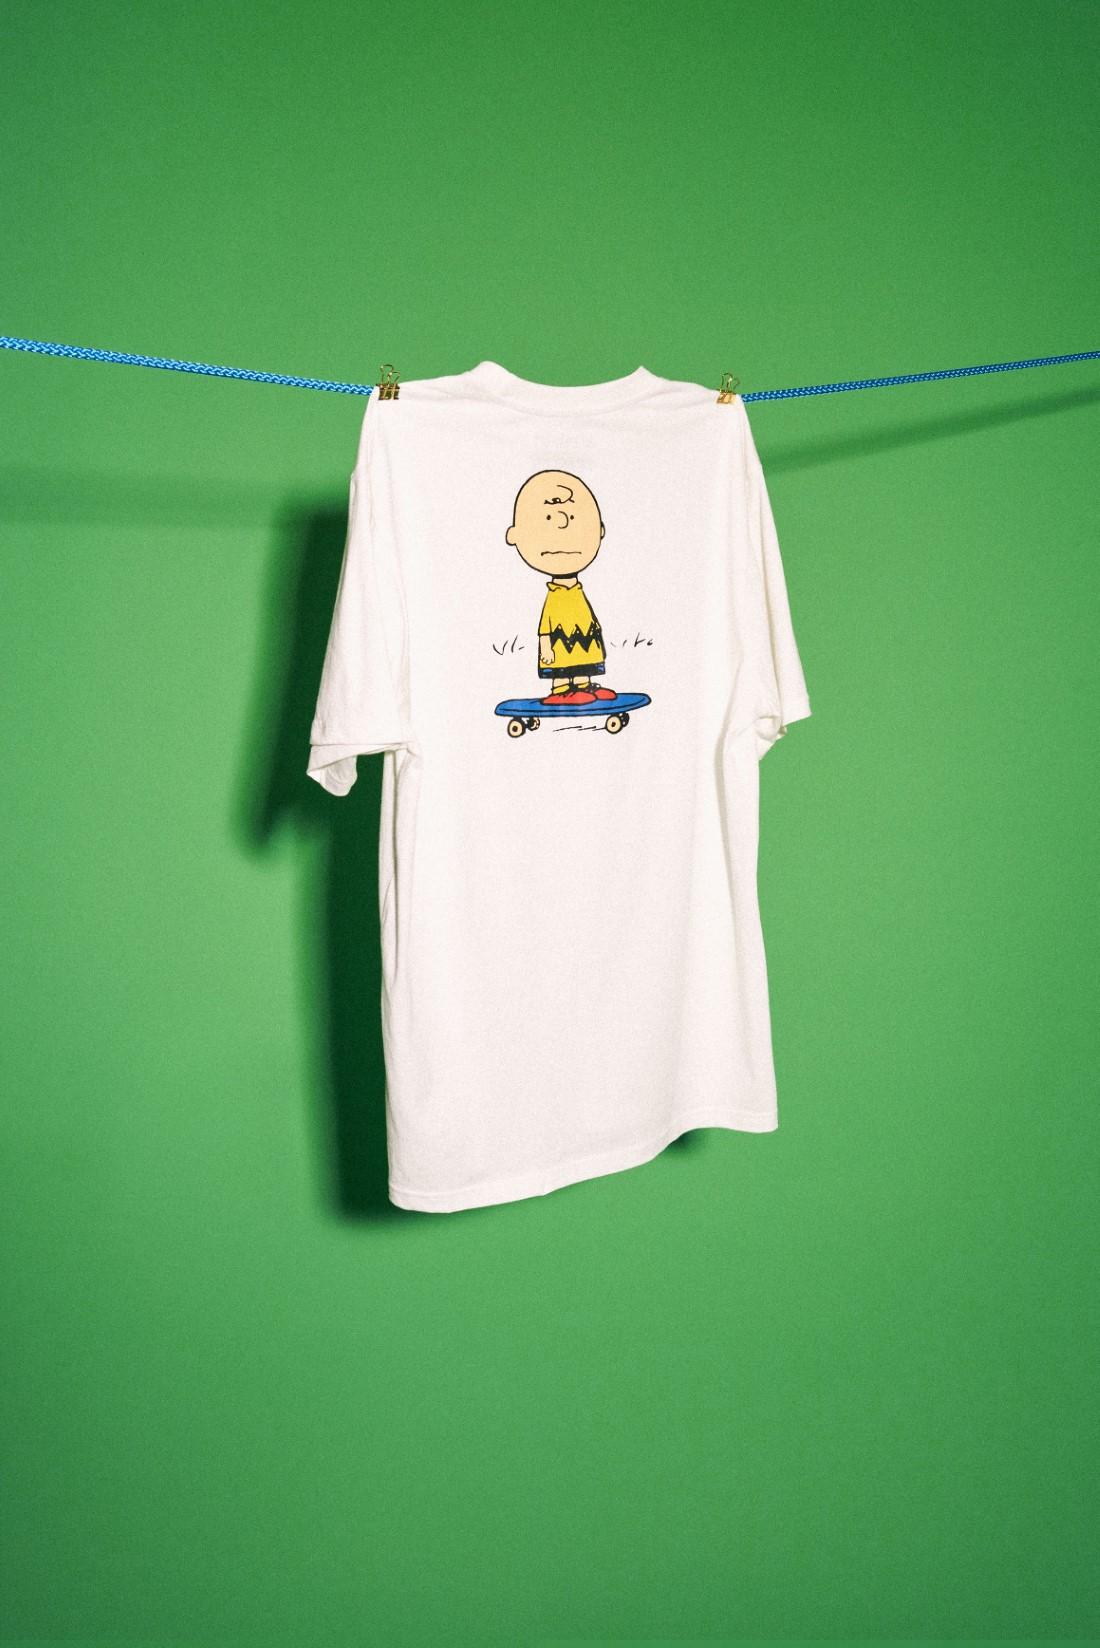 Element x Snoopy x Peanuts